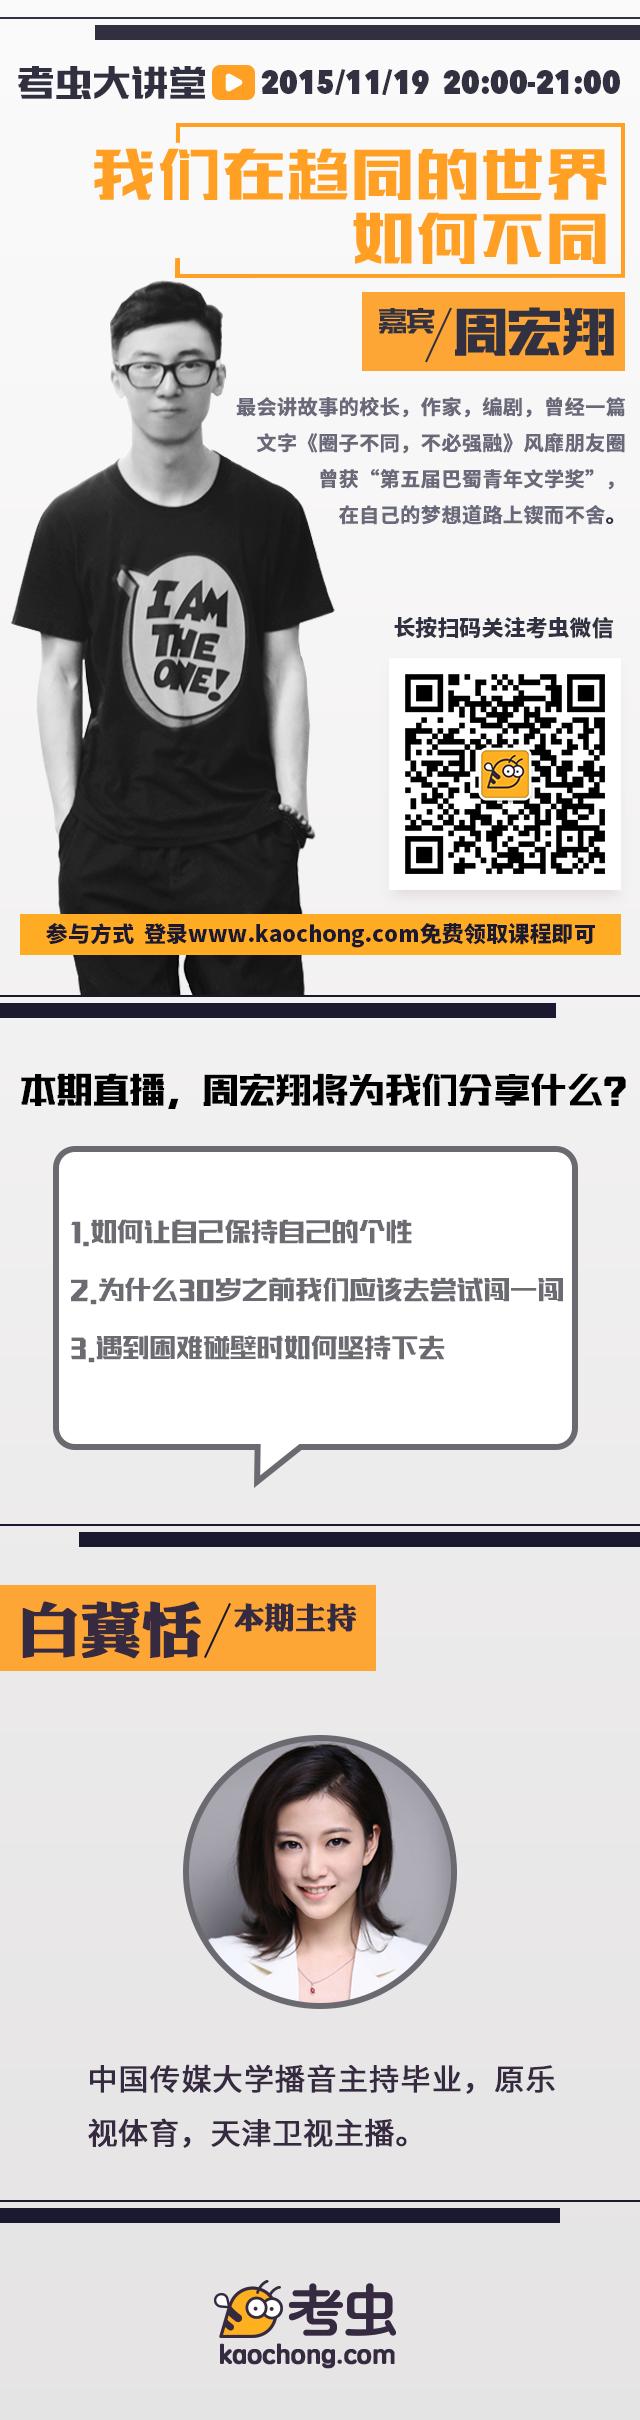 考虫大讲堂(1).png